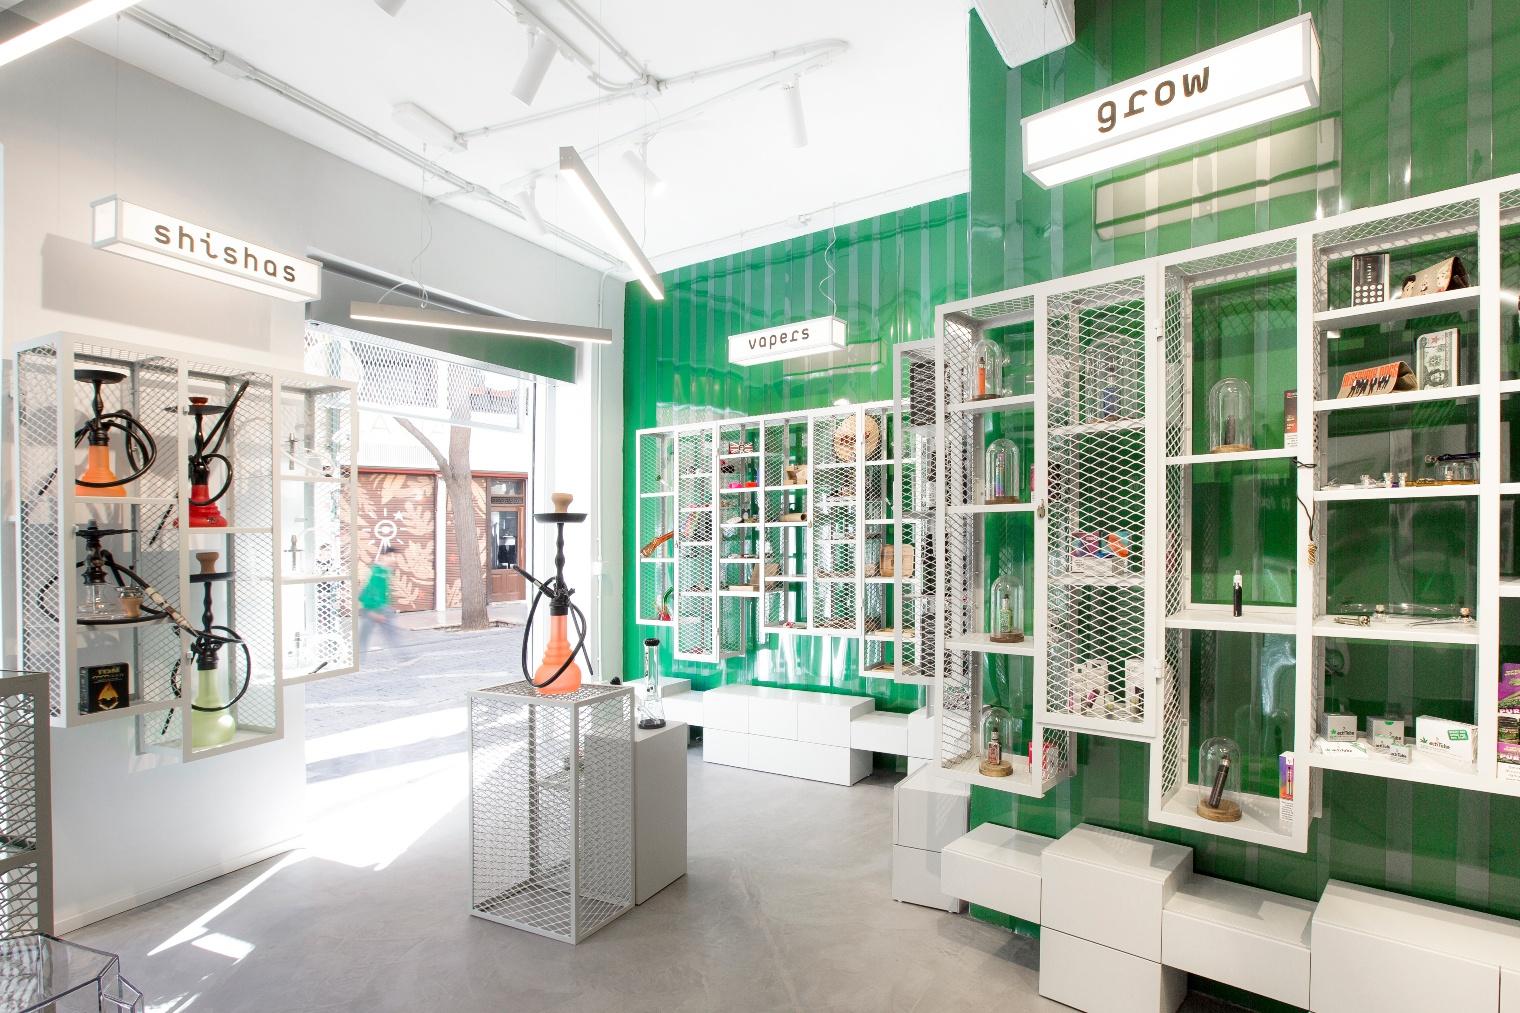 El estudio multidisciplinar Isho Design es el responsable del diseño de Mari del Carmen, un local comercial de artículos para fumadores.